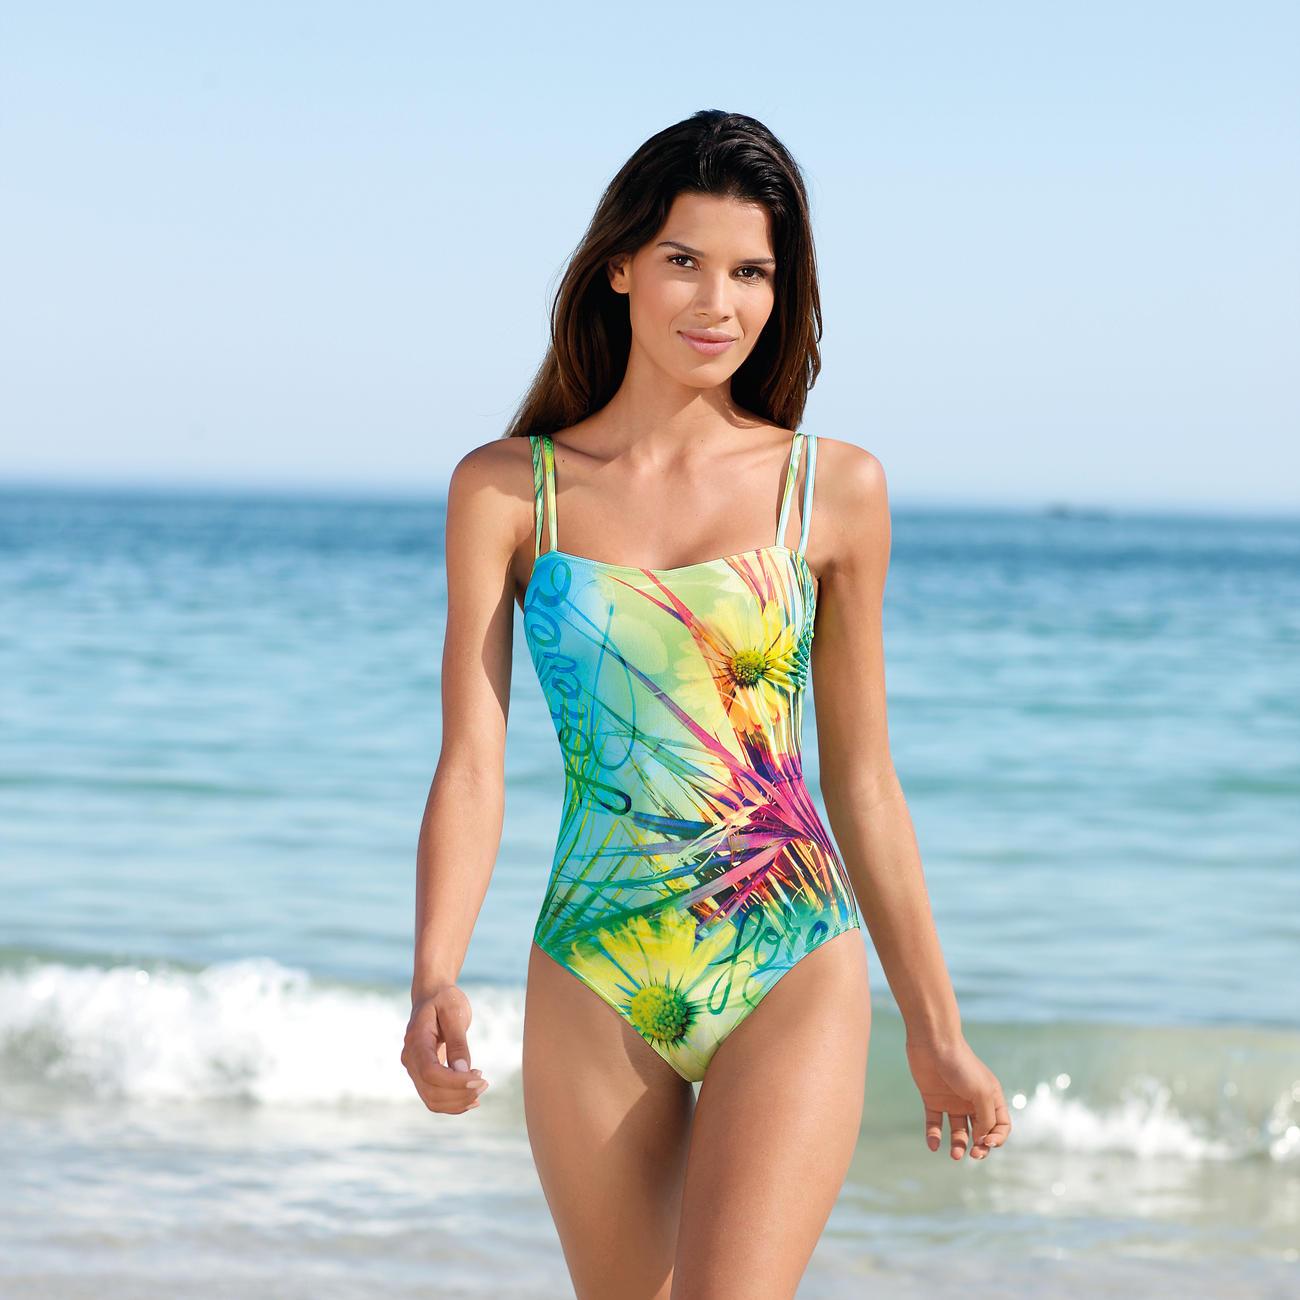 Maillots de bain SunSelect multicolores femme Sortie En Porcelaine 16ACSp